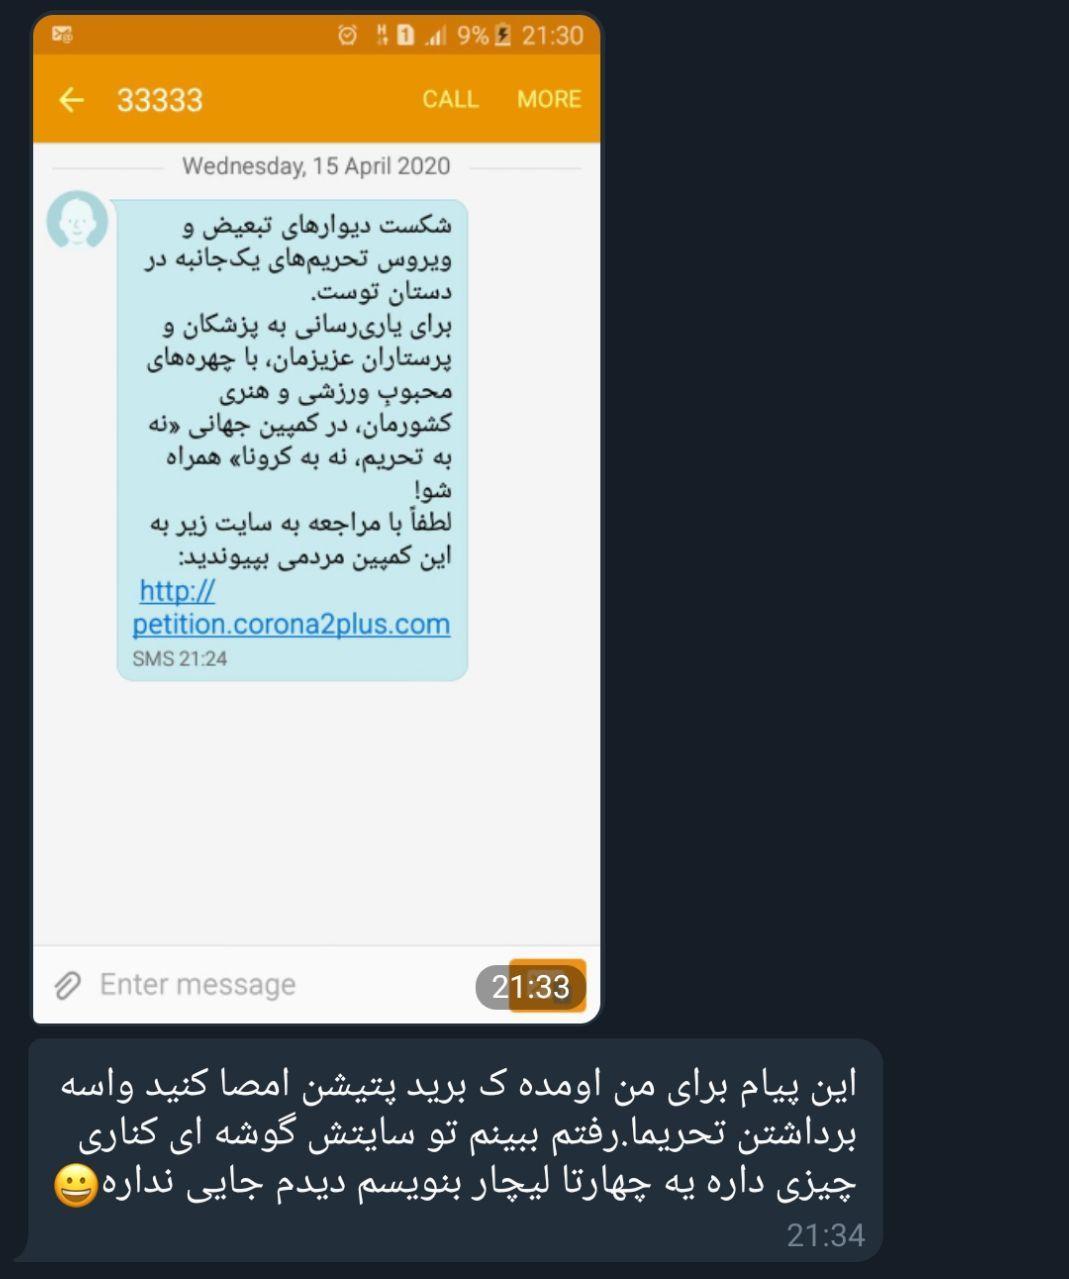 پیامهای ارسالی به #الو در مور … 094951001586972409